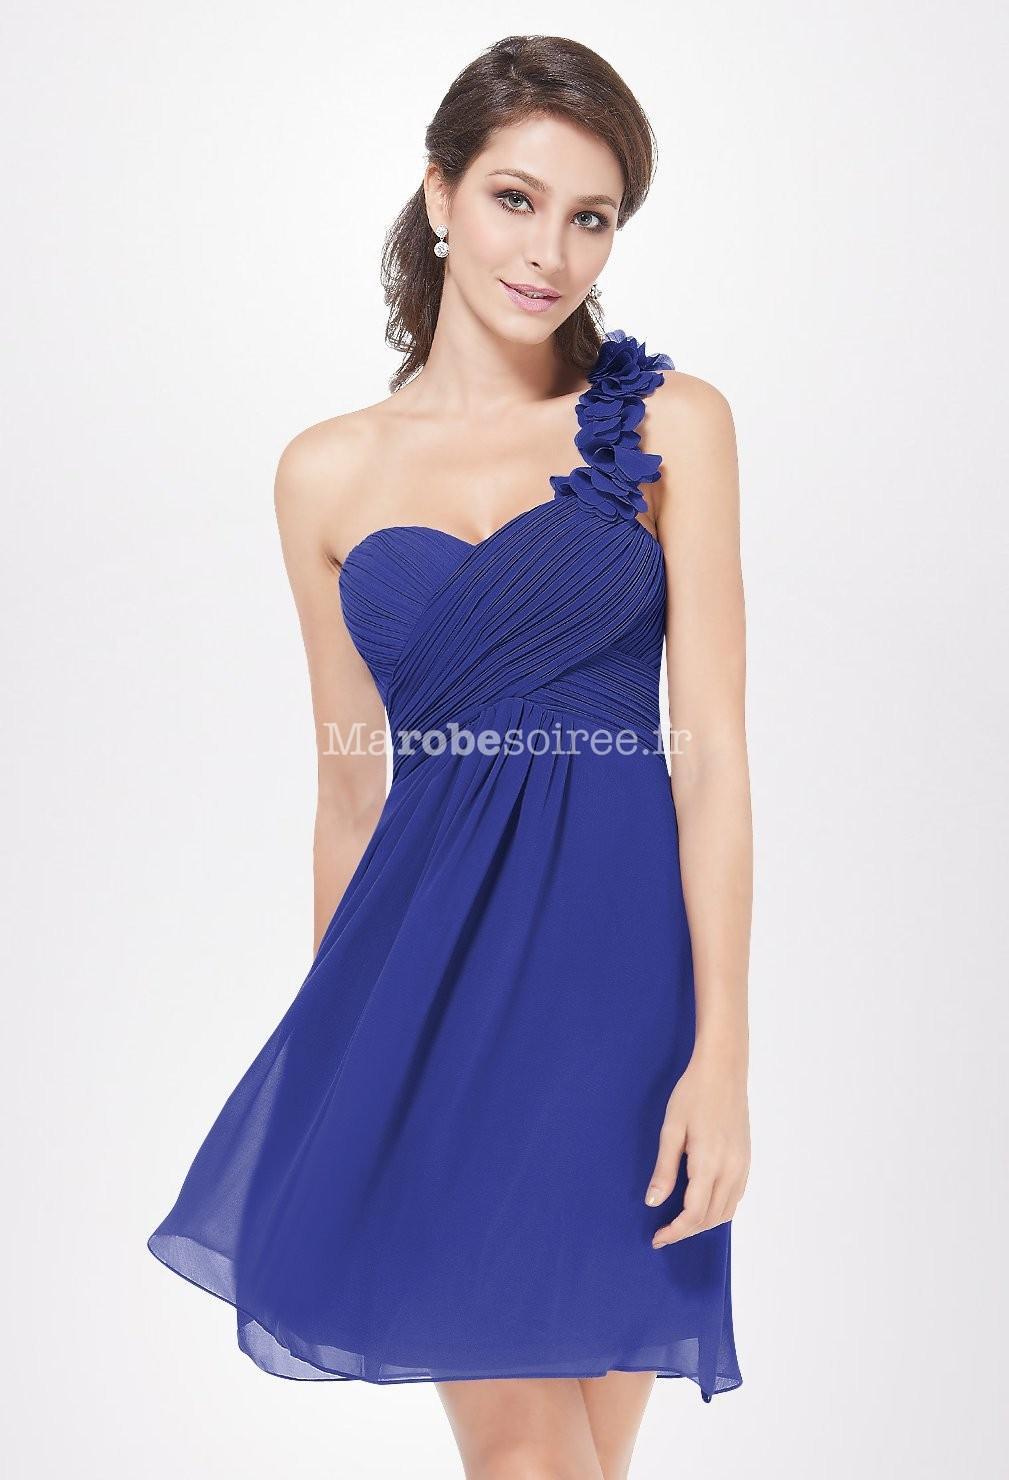 Robe de soiree courte bleu